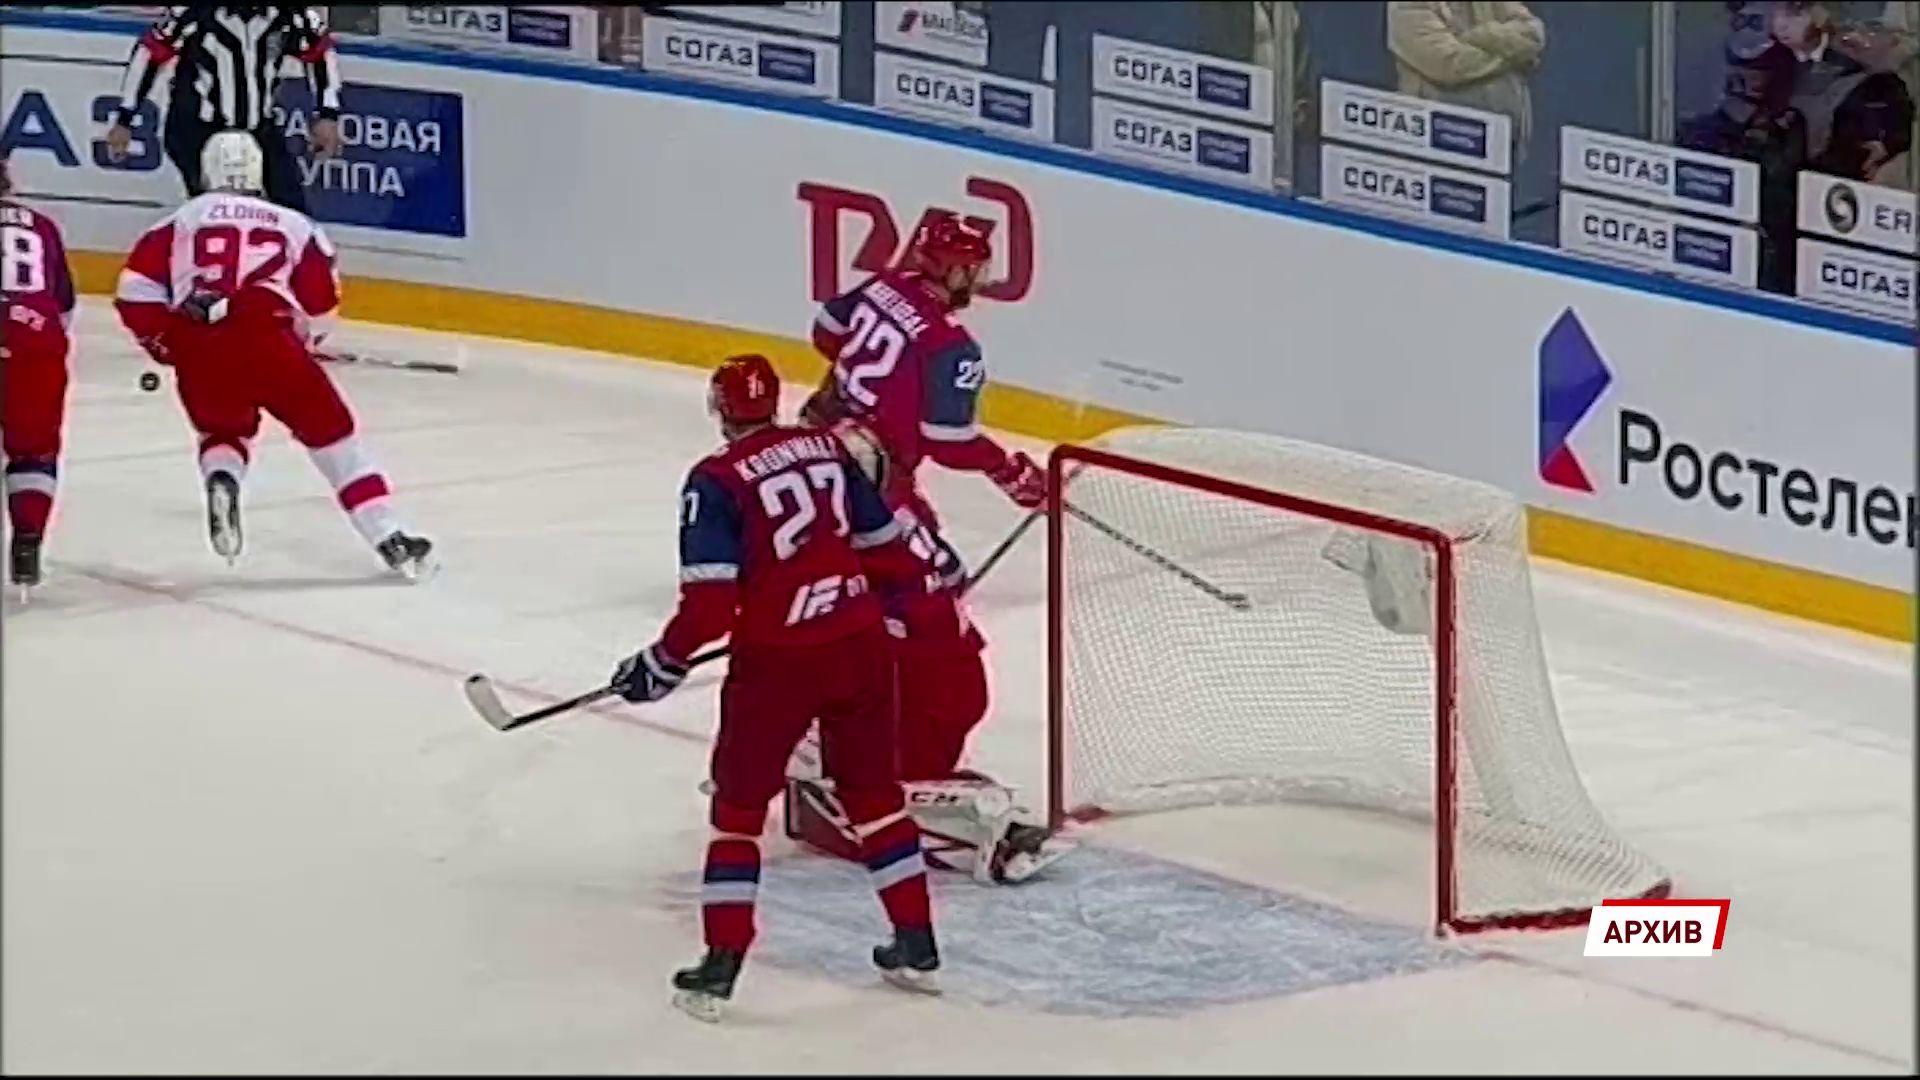 В первом матче КХЛ «Локомотив» встретится в домашнем матче с московским «Спартаком»